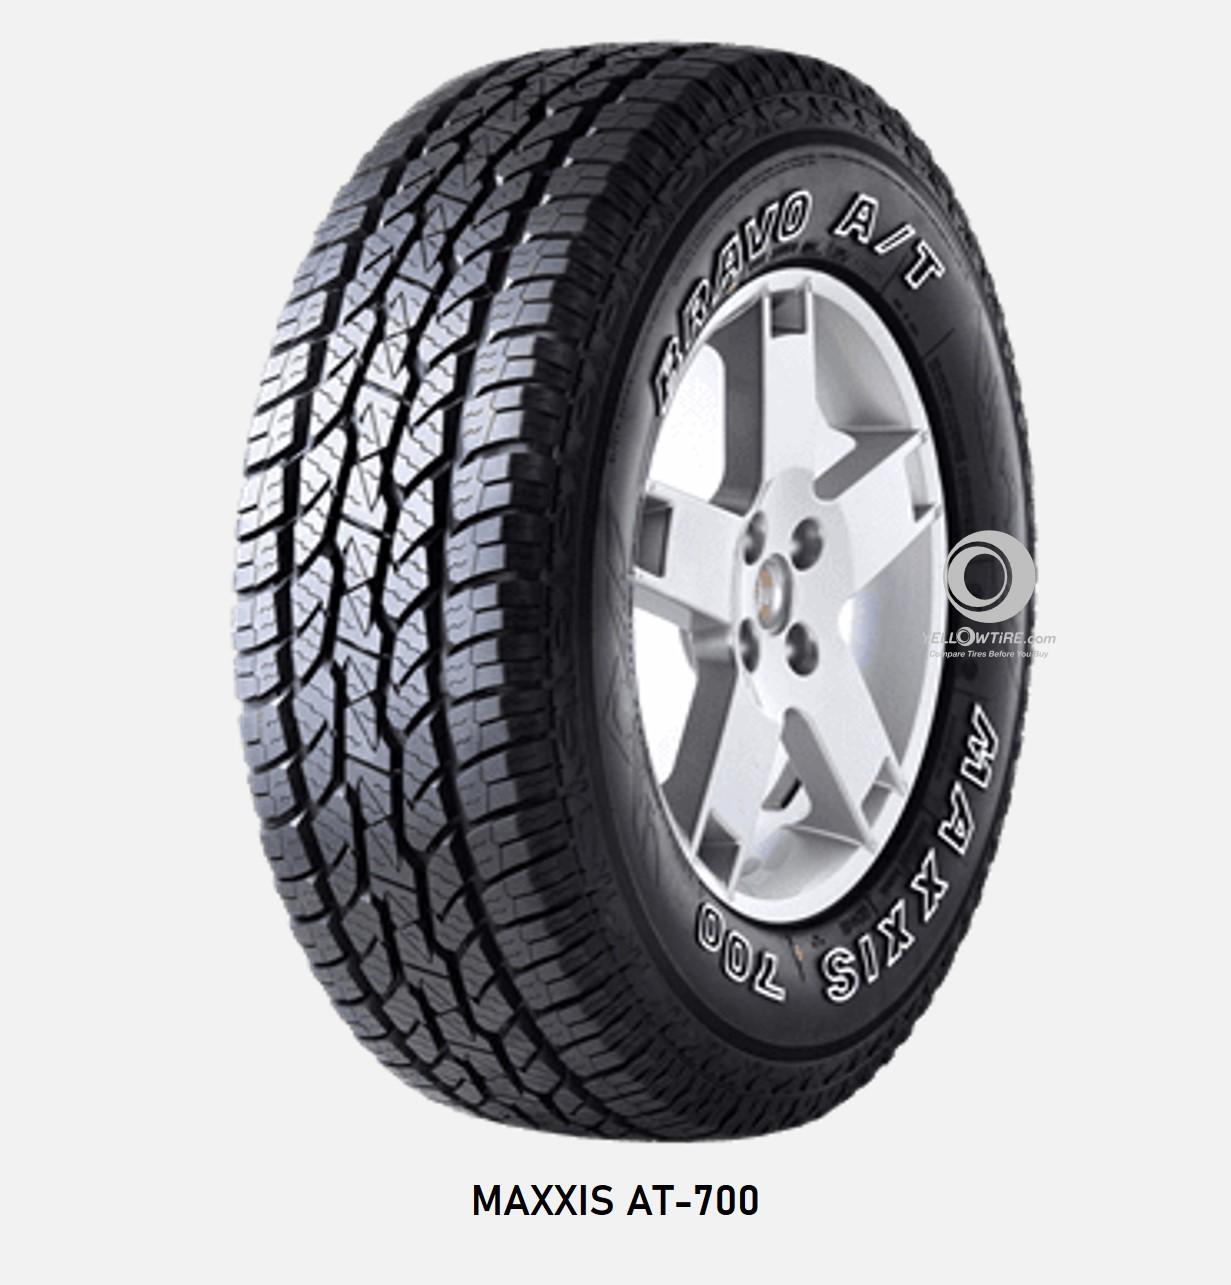 MAXXIS AT-700